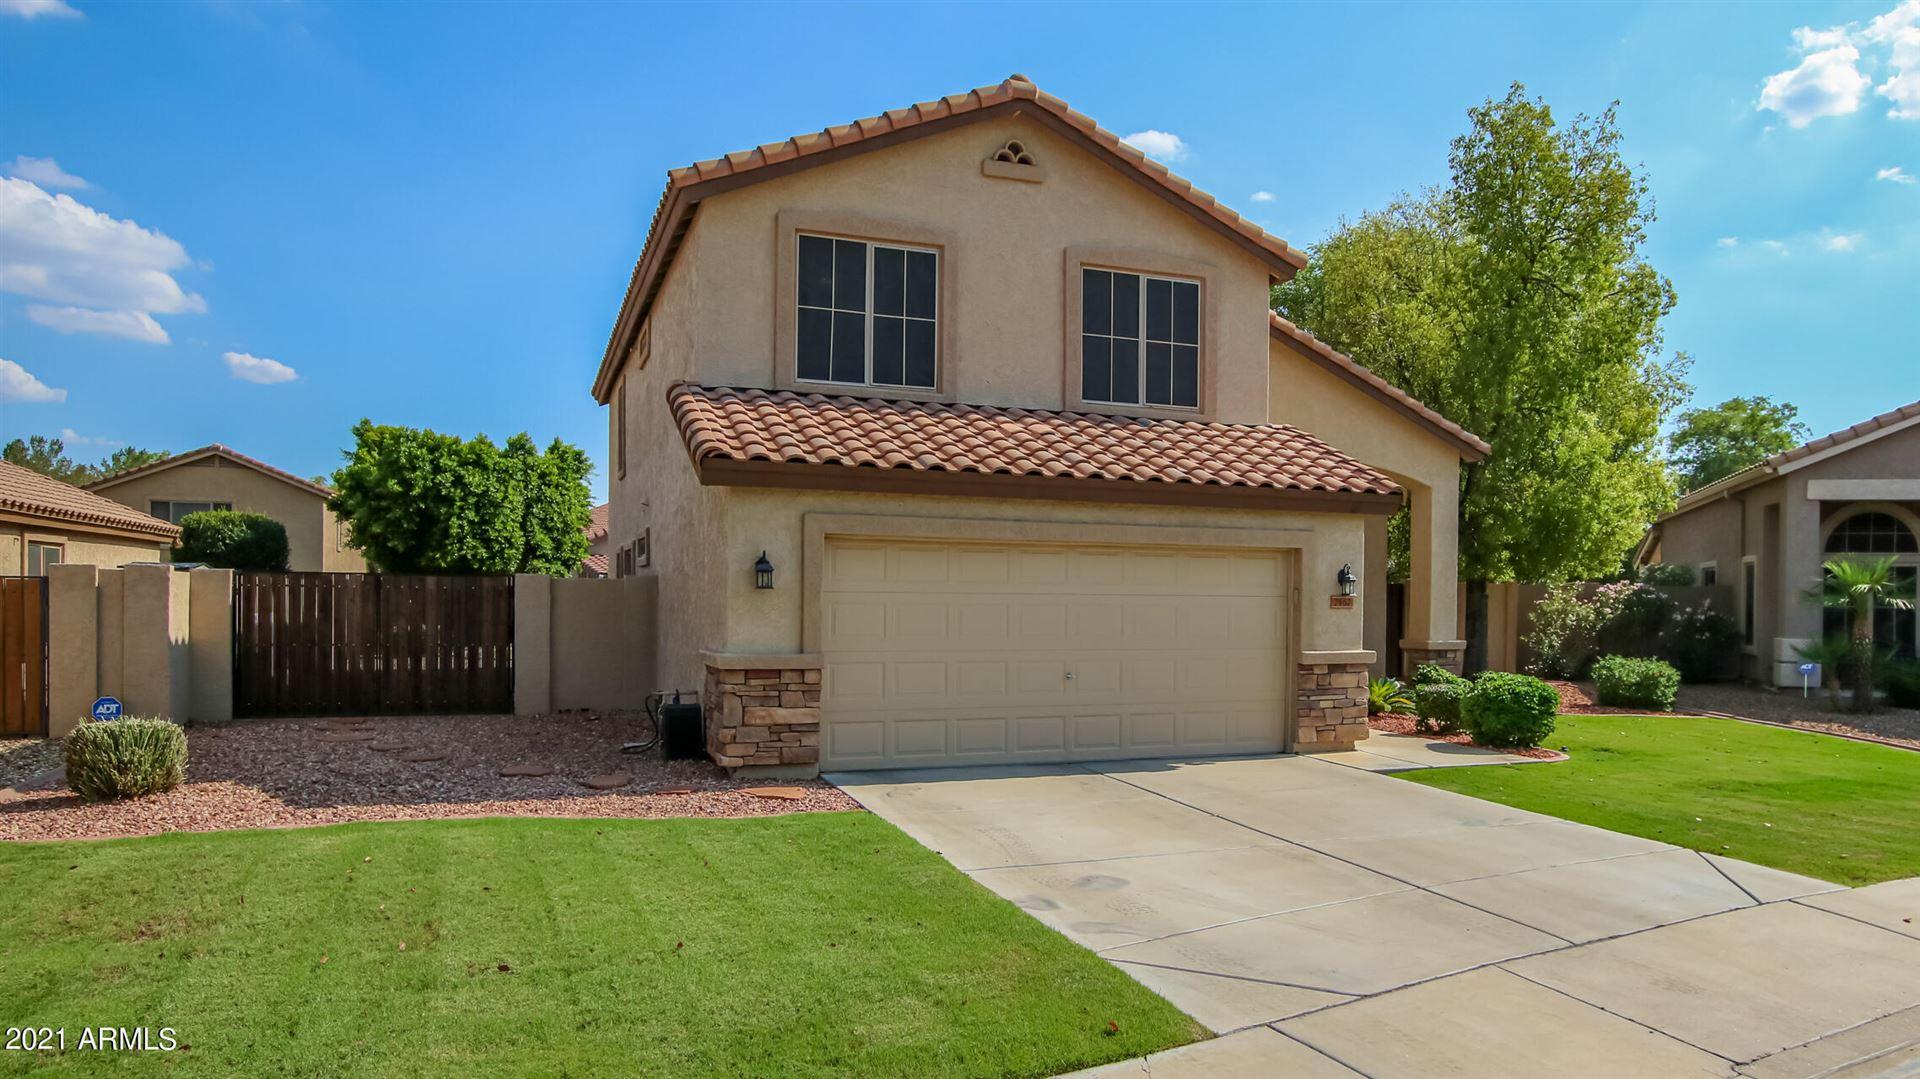 7467 W ABRAHAM Lane, Glendale, AZ 85308 - MLS#: 6271498